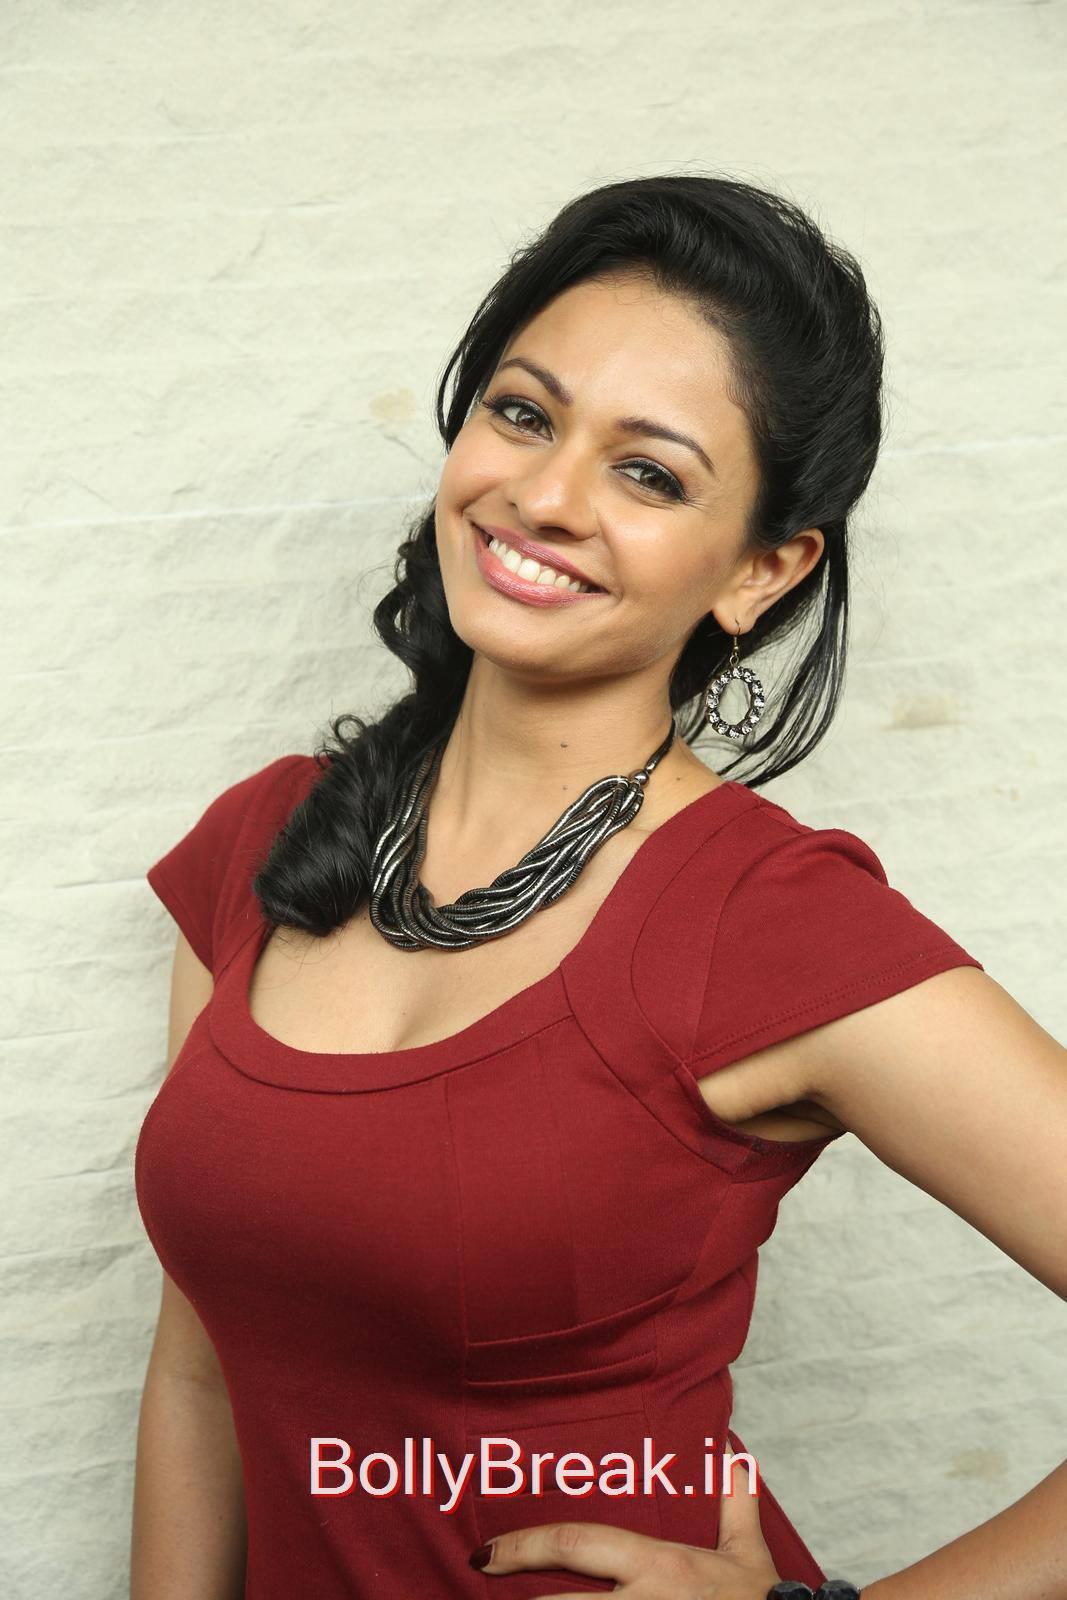 Pooja Kumar Unseen Stills, Hot HD Images of Pooja Kumar from Uttama Villain Movie Release Date Press Meet